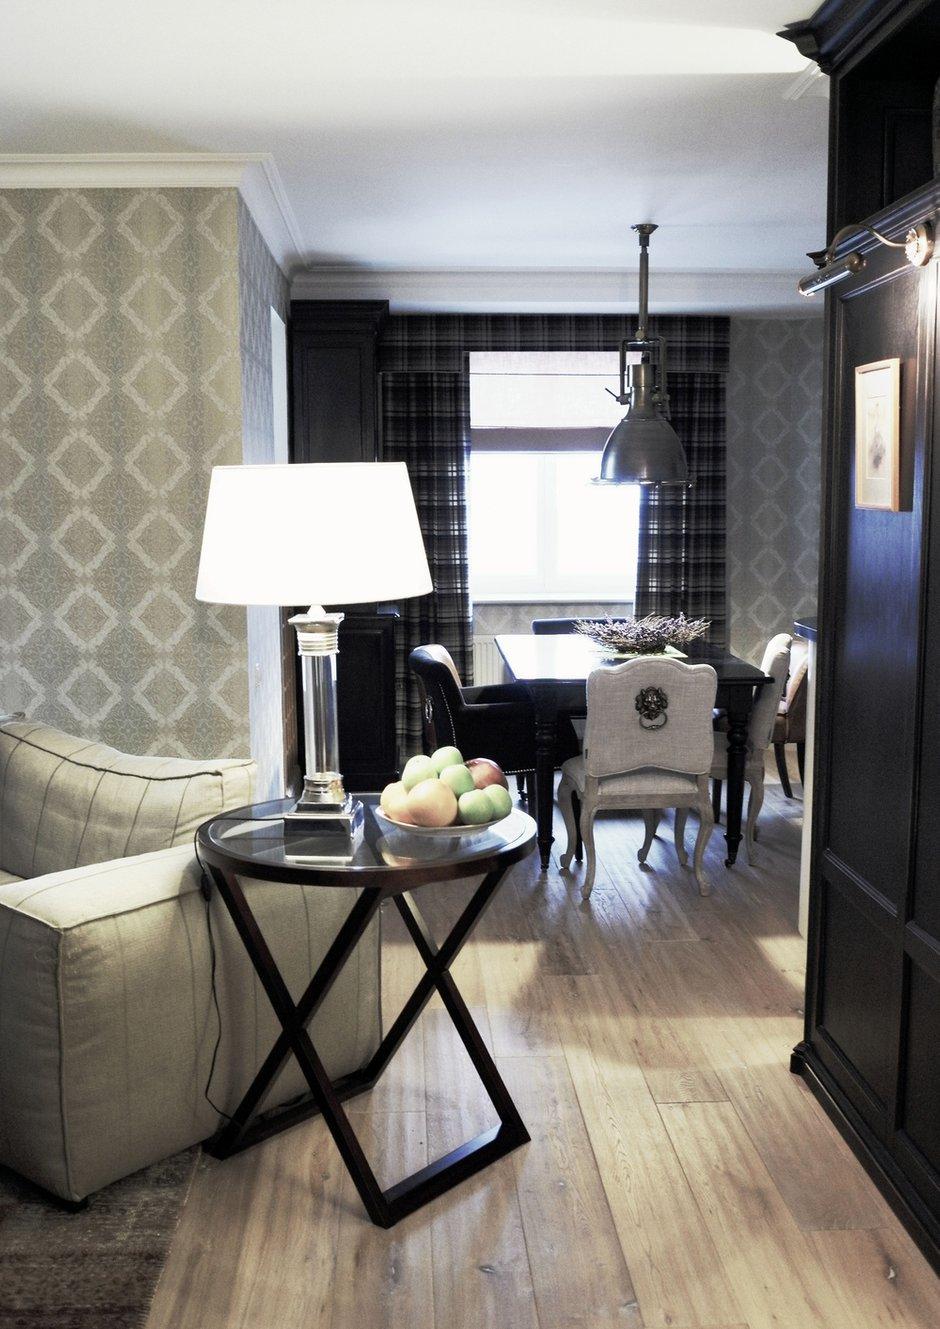 Фотография: Гостиная в стиле , Квартира, Eichholtz, Spiridon, Дома и квартиры, Проект недели – фото на INMYROOM